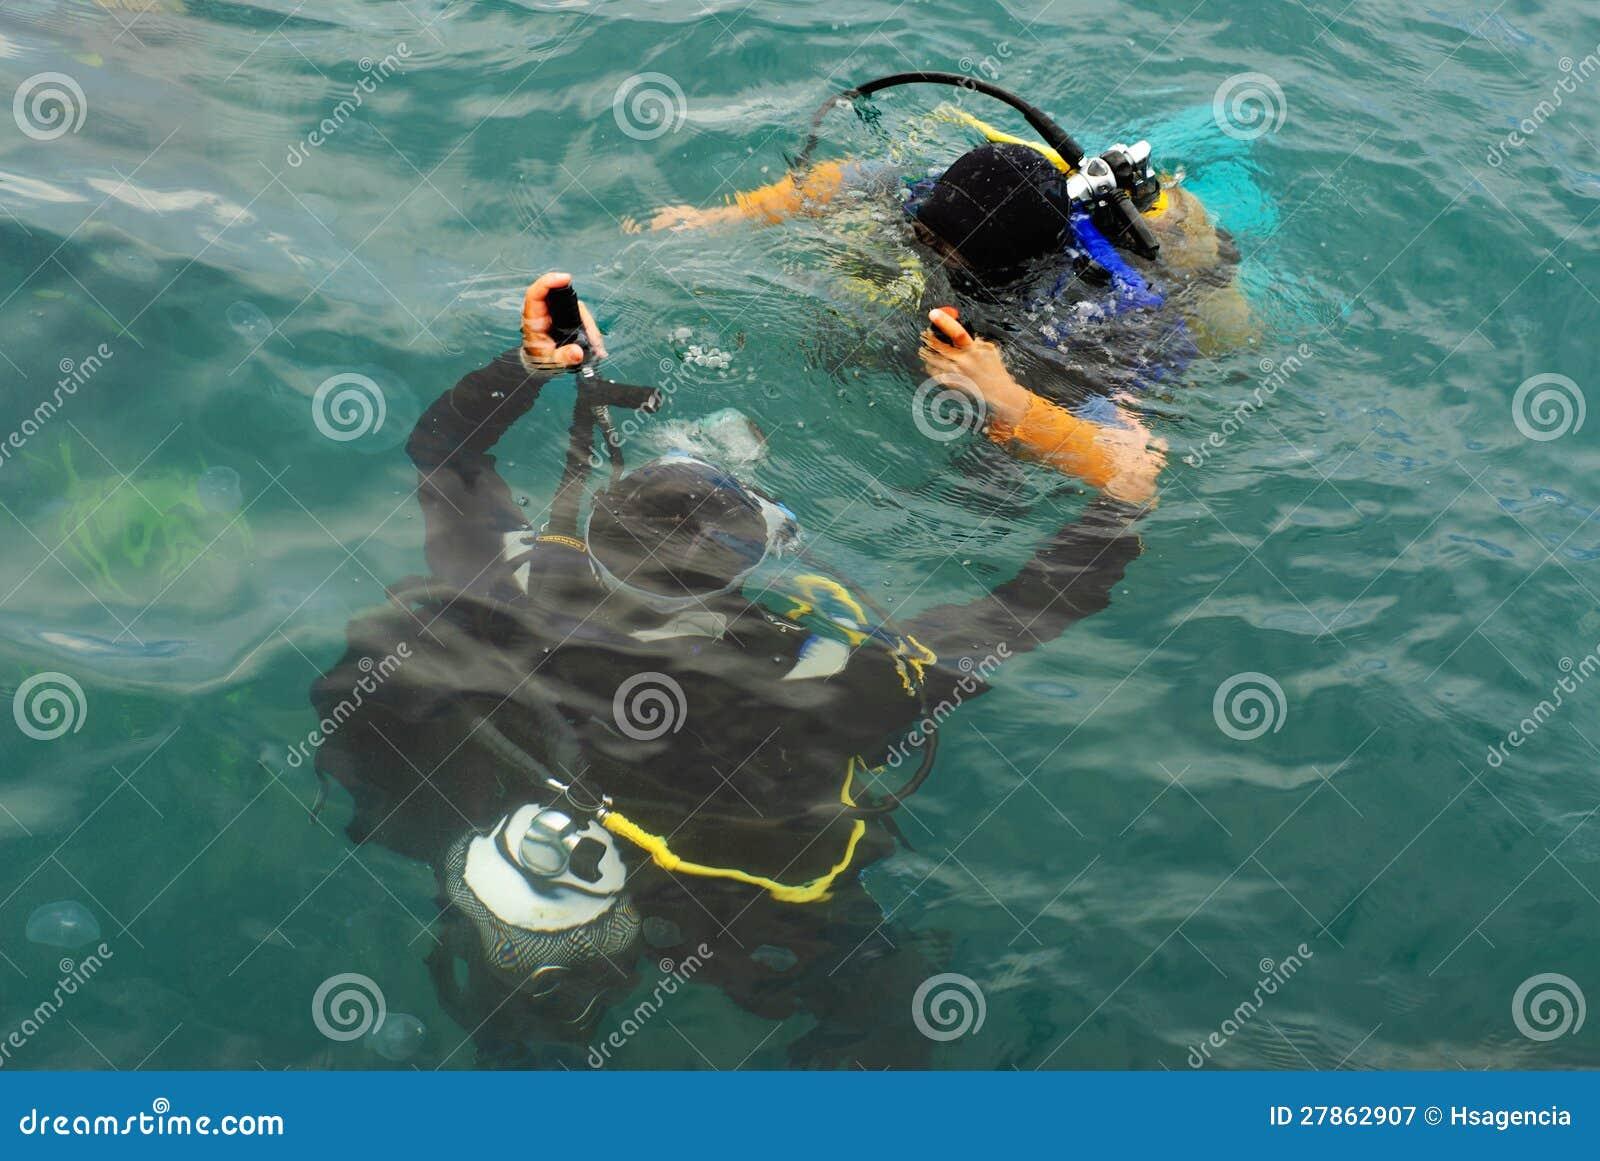 De scuba-uitrusting van scuba-duikers duikt in overzees